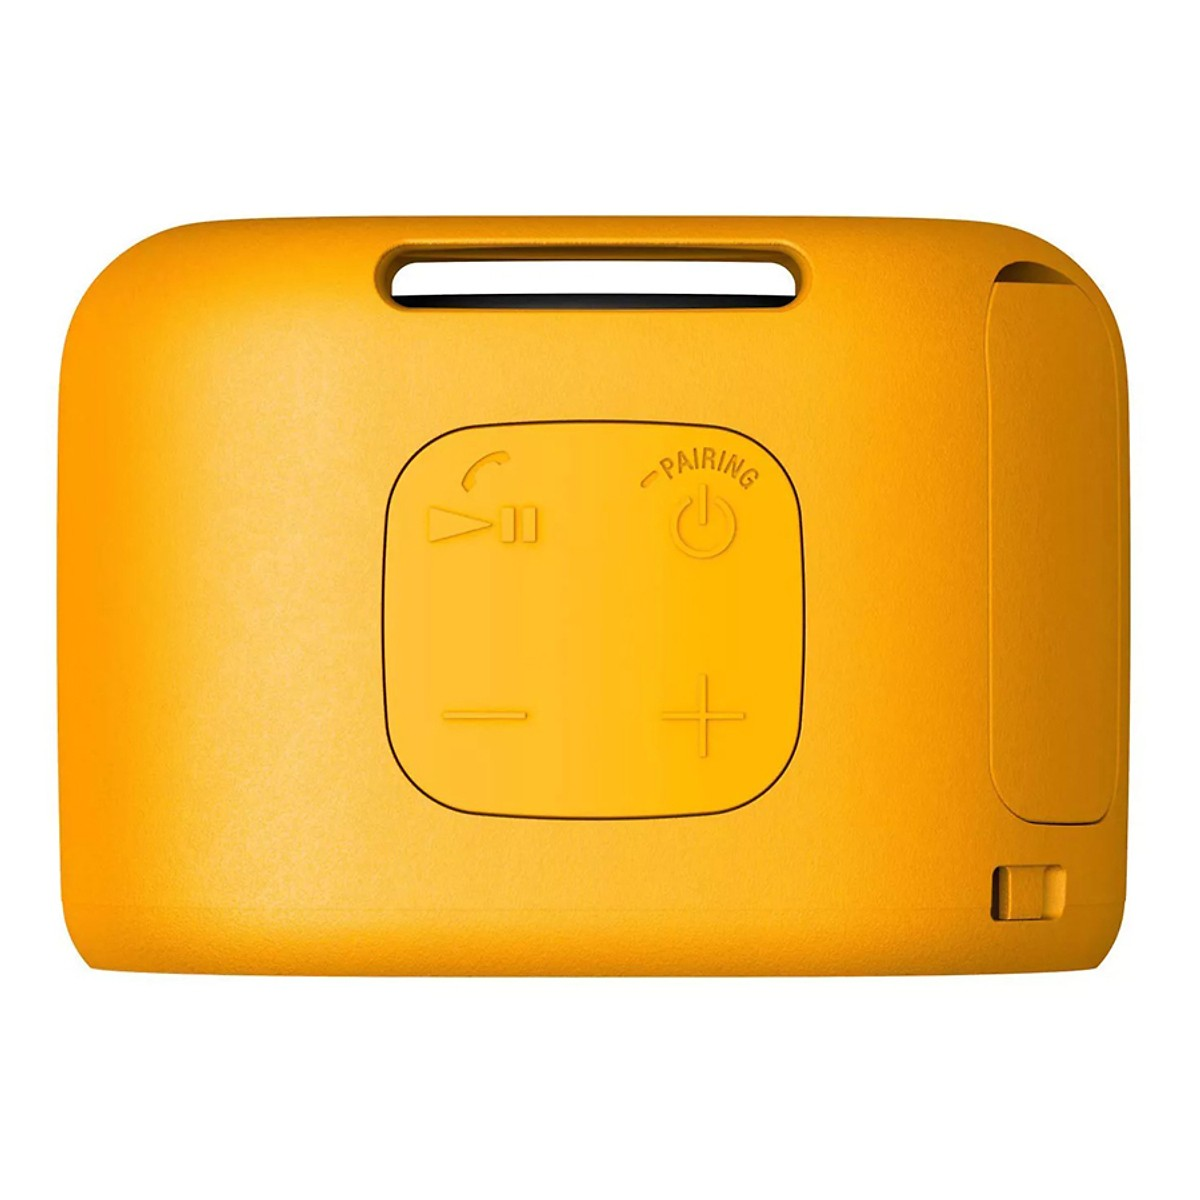 Loa Bluetooth Sony ExtraBass XB01 - Hàng Chính Hãng